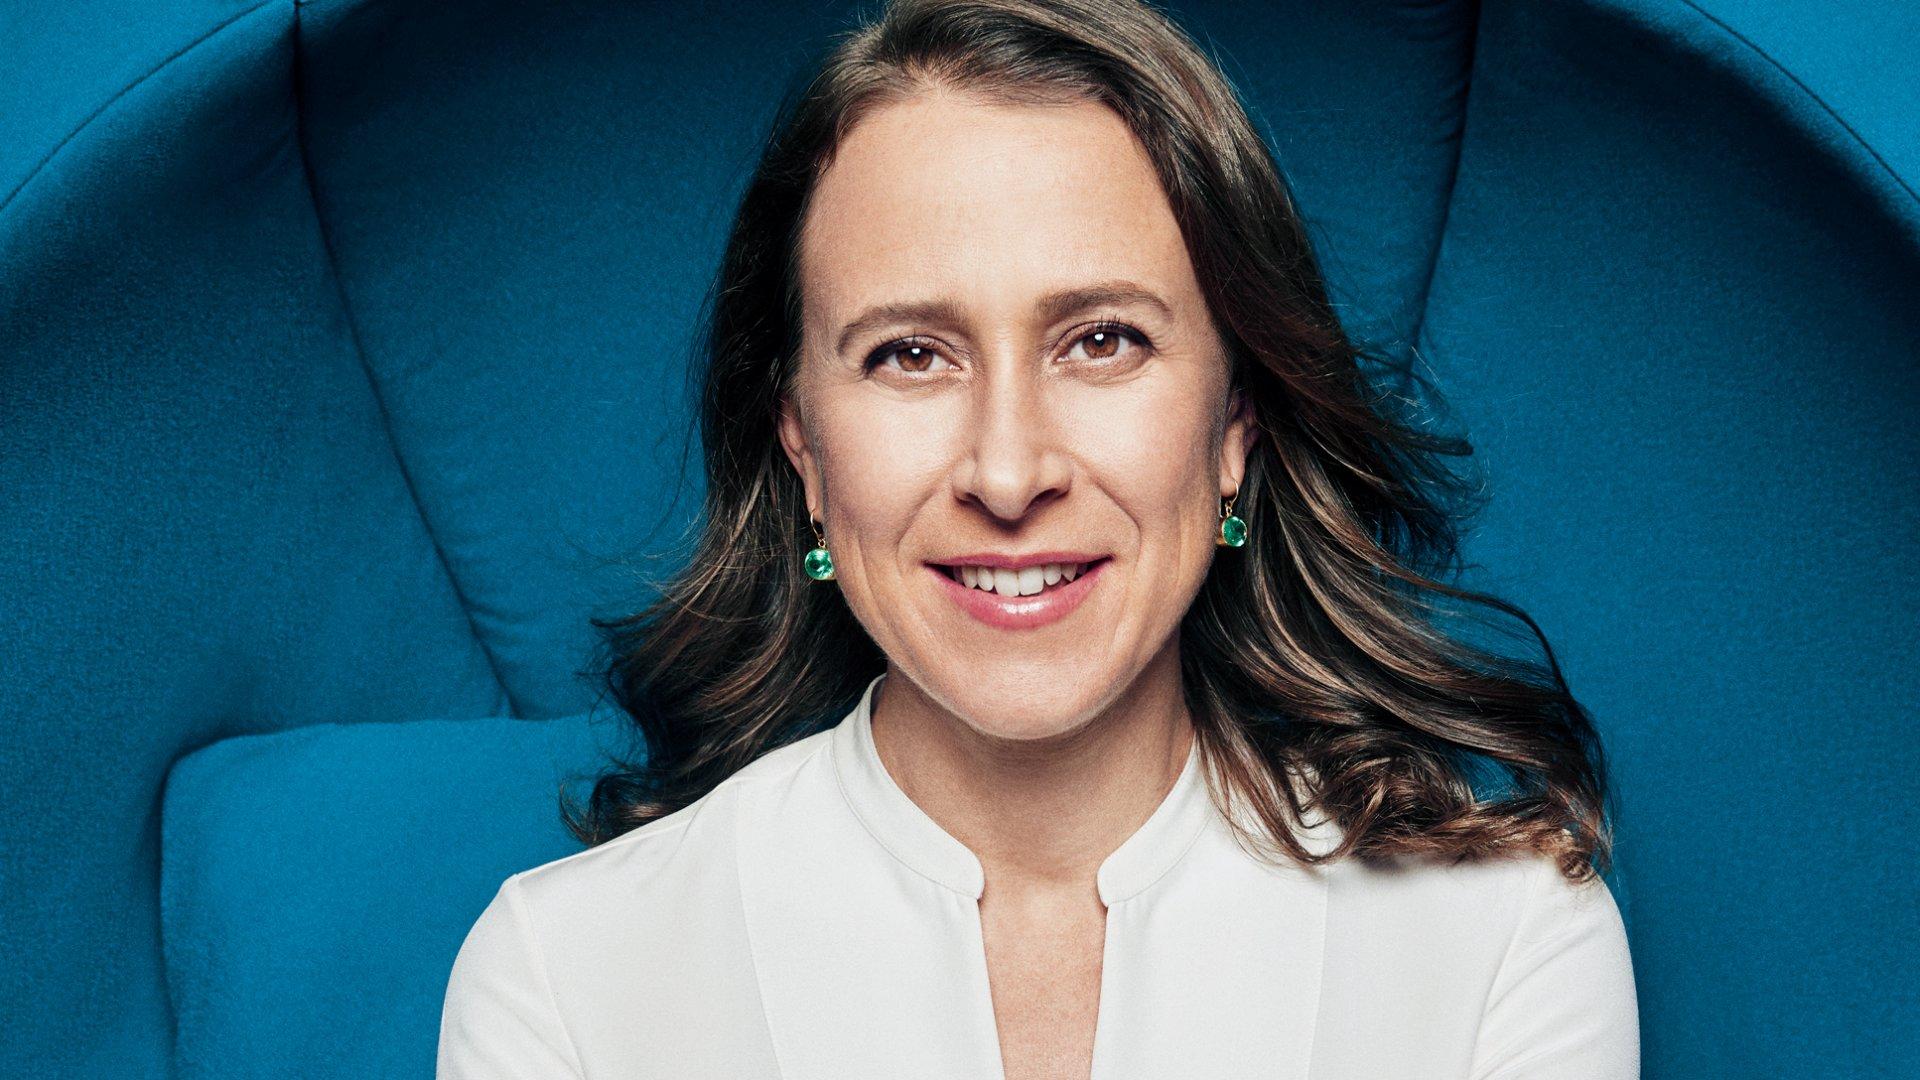 23andMe CEO Anne Wojcicki.